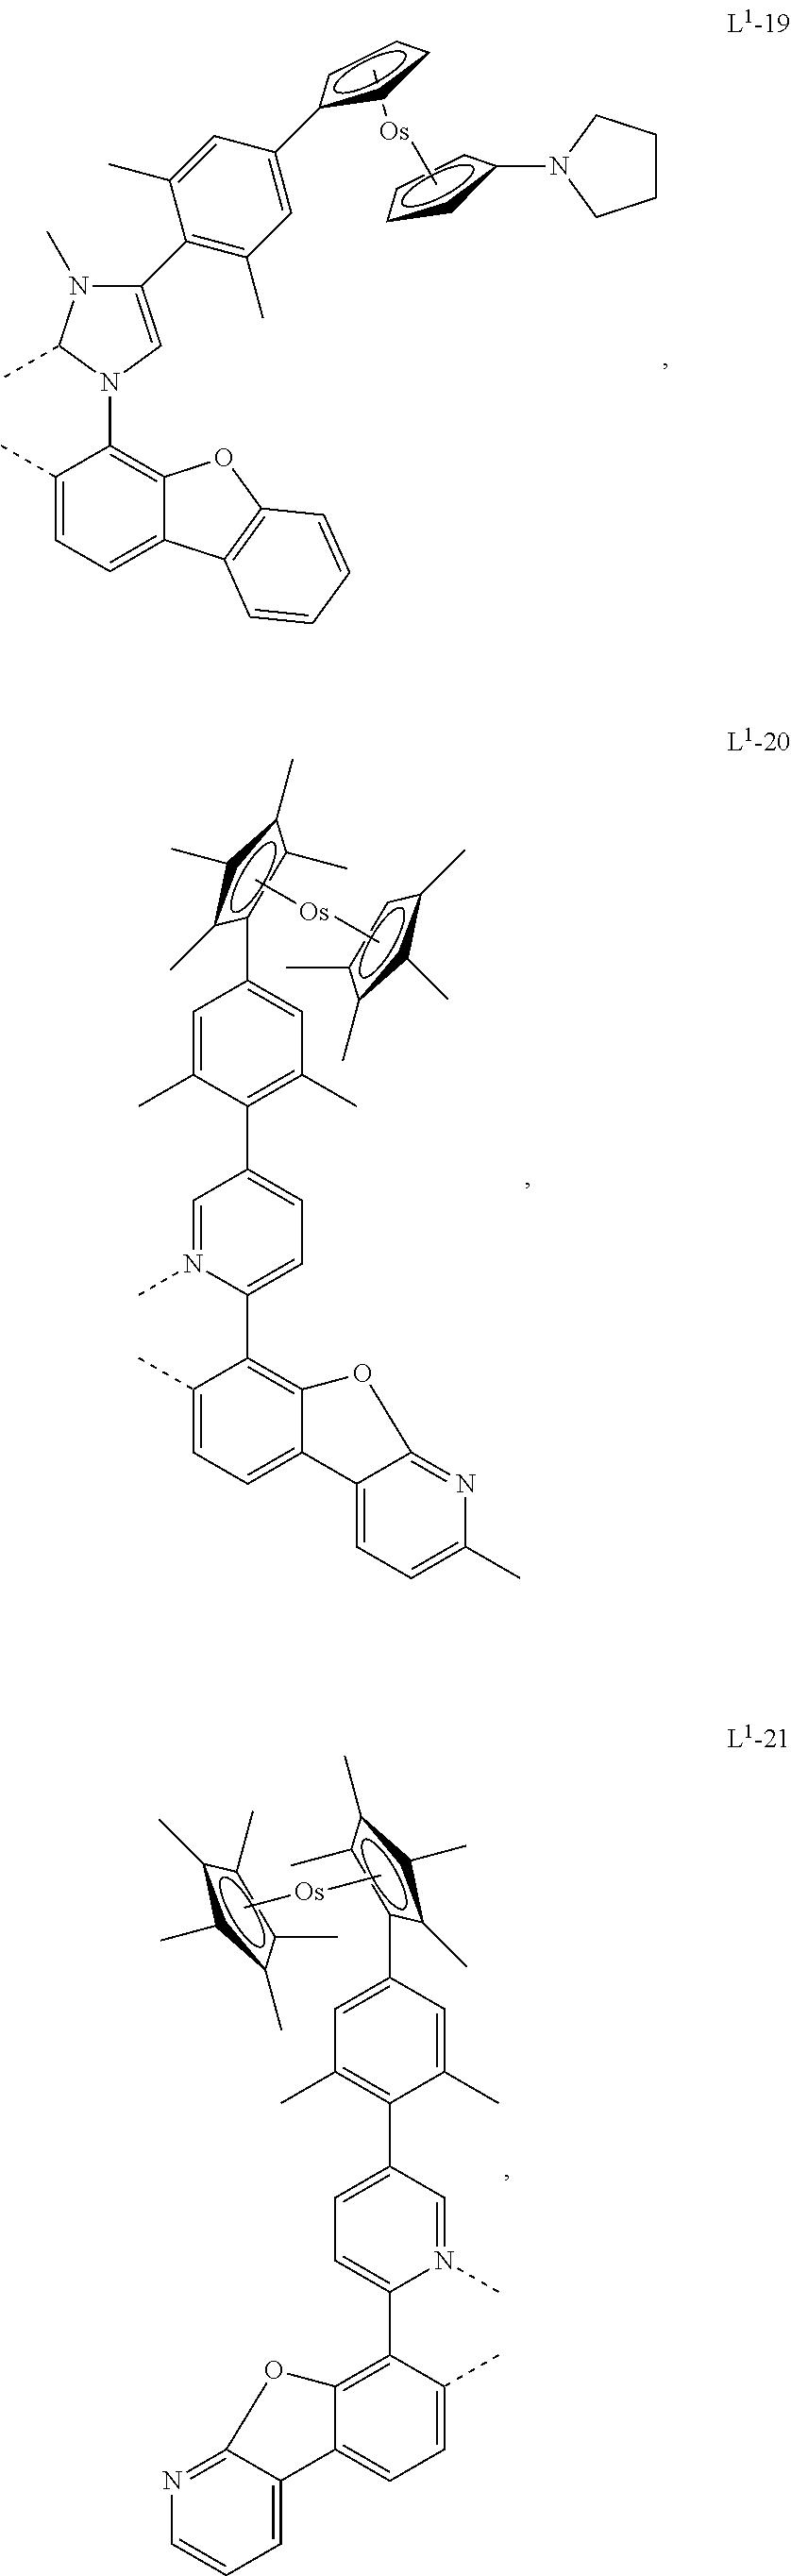 Figure US09680113-20170613-C00017